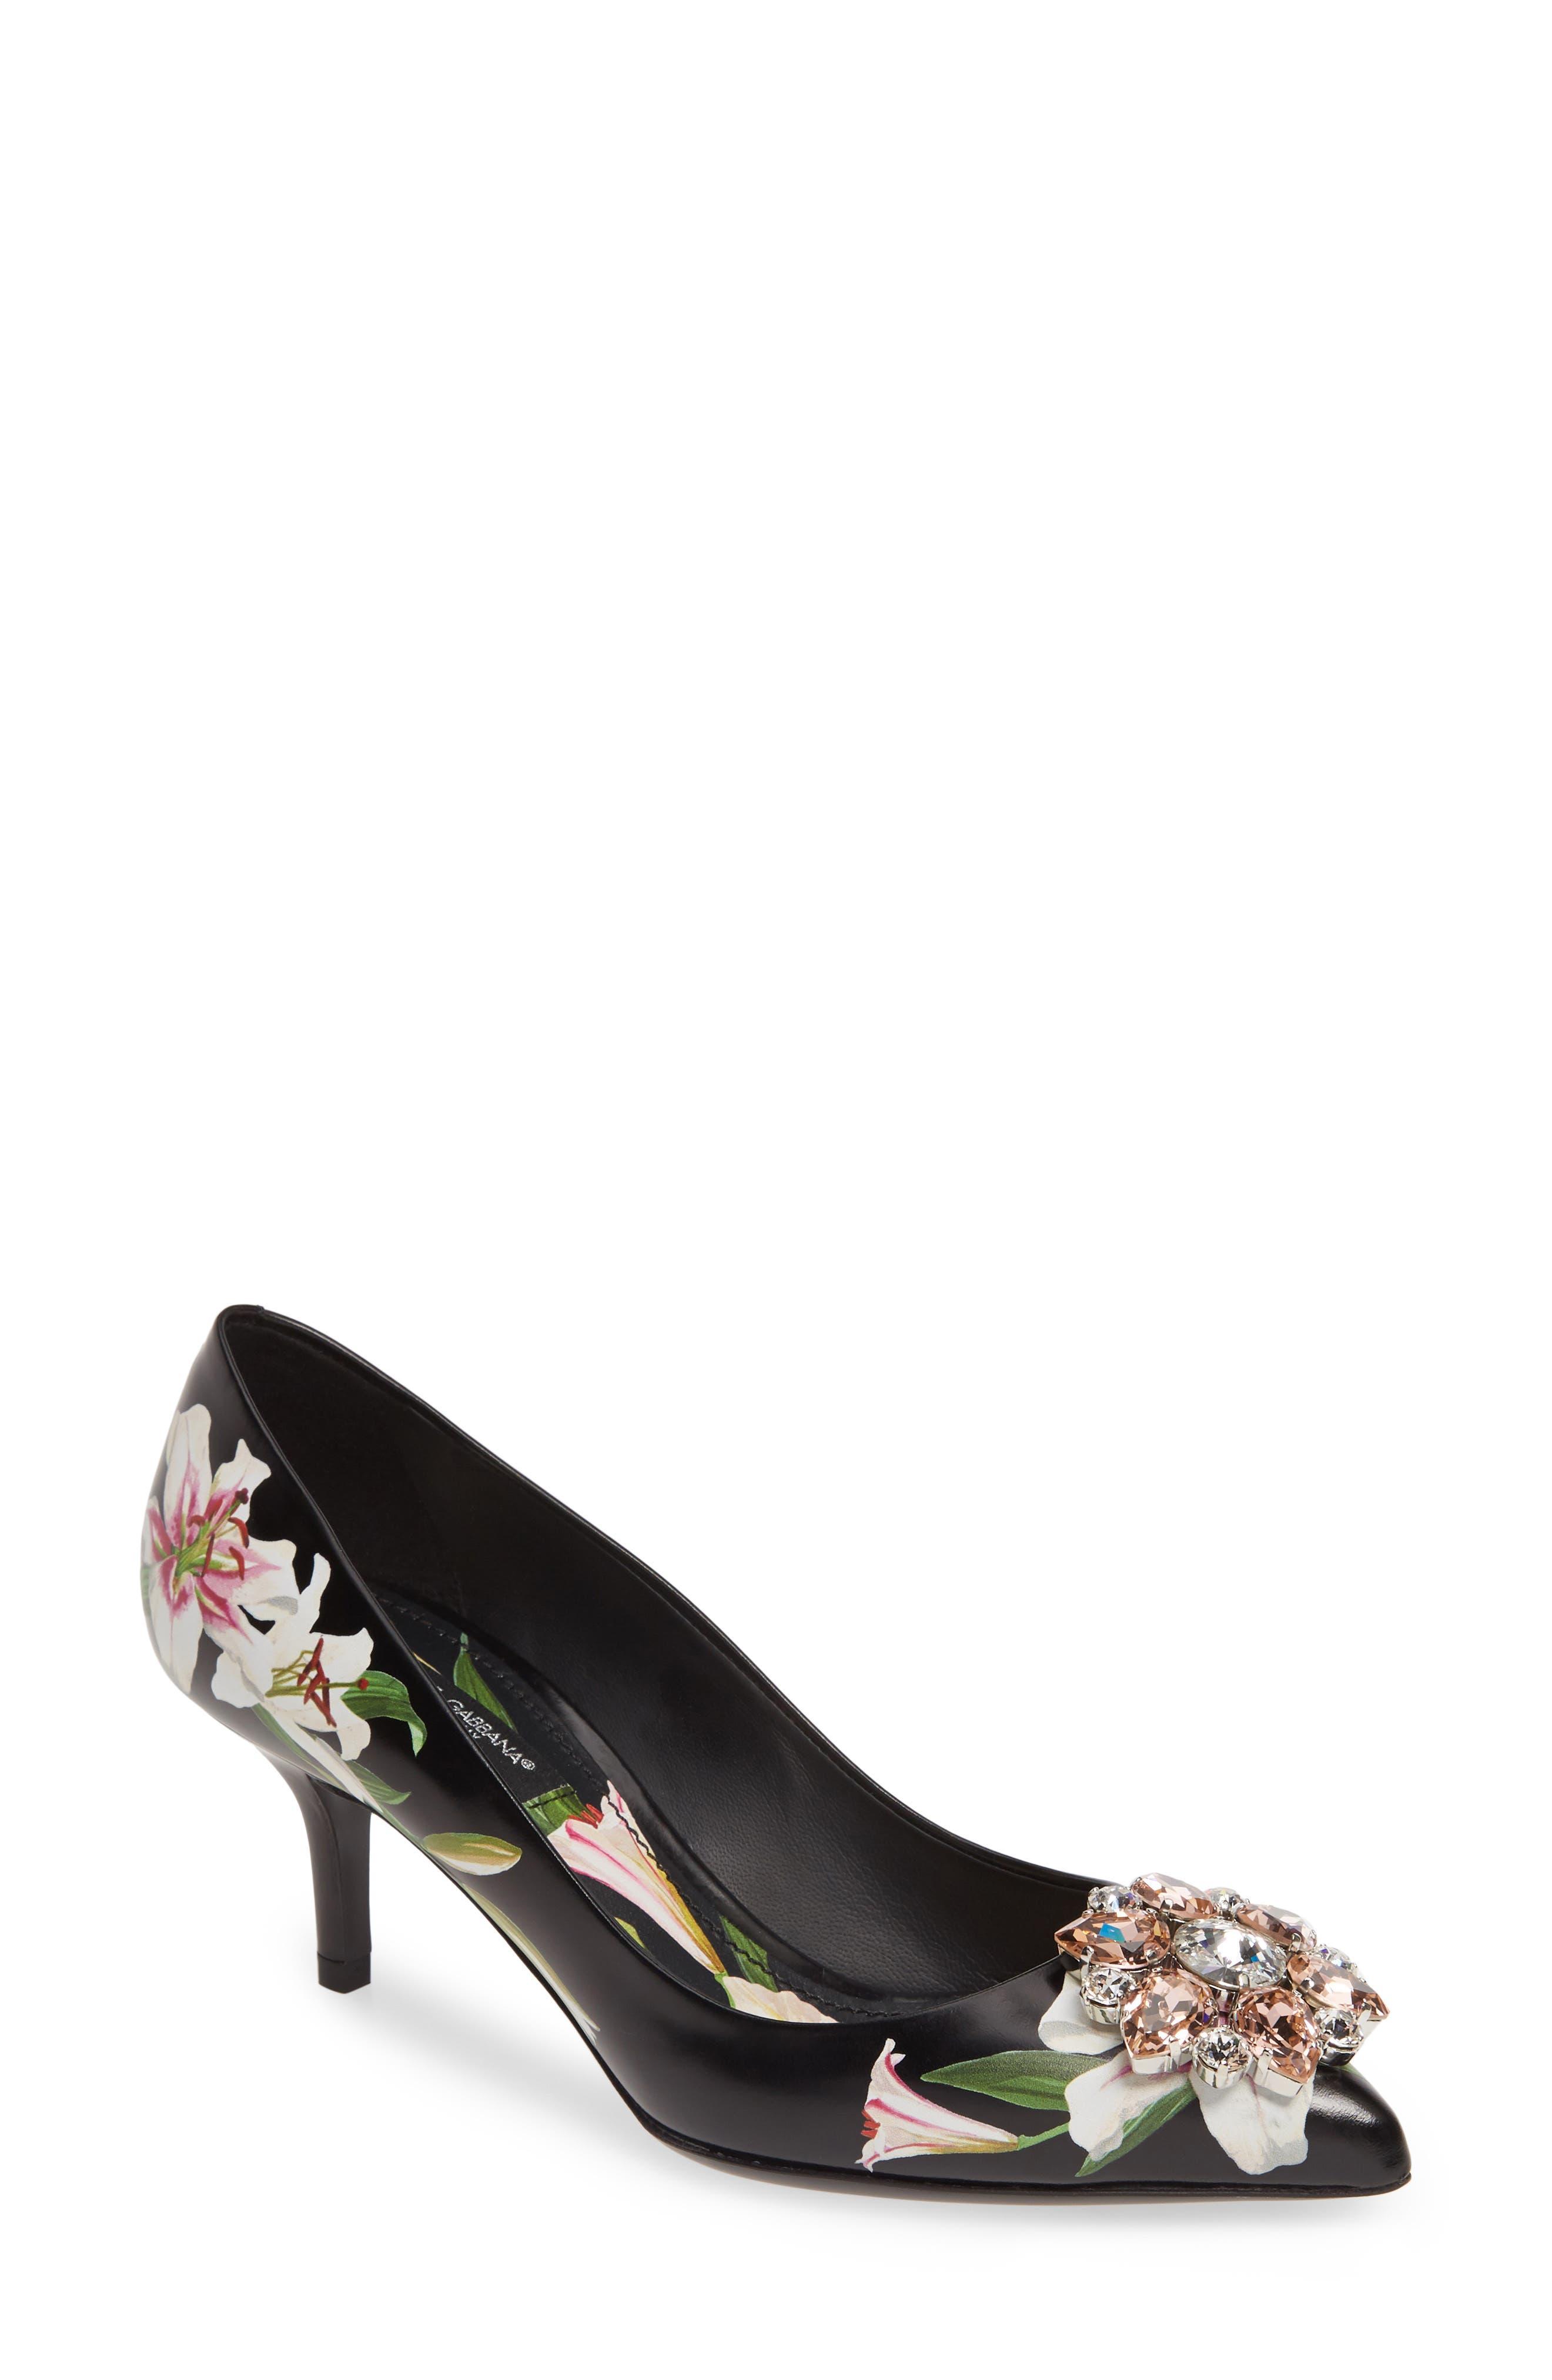 Dolce & gabbana Embellished Floral Pump - Black